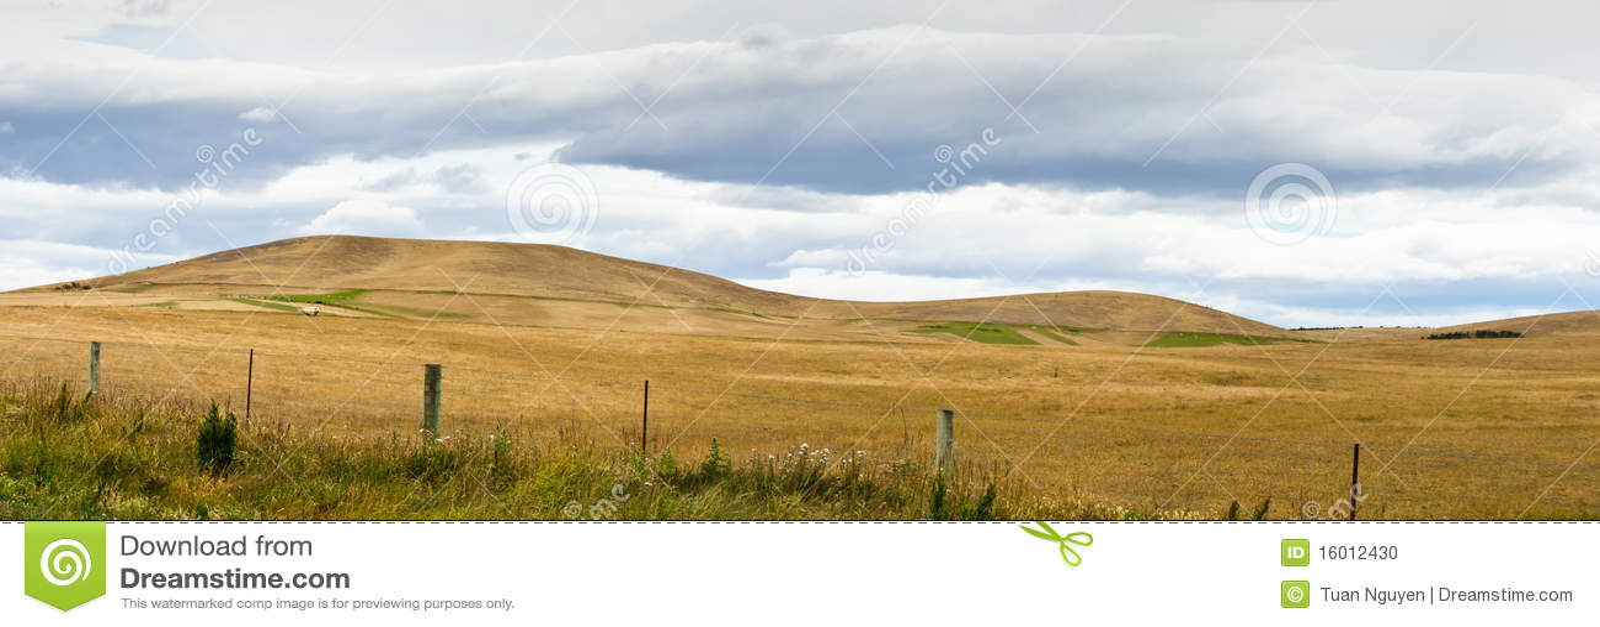 лето pasturelands жары